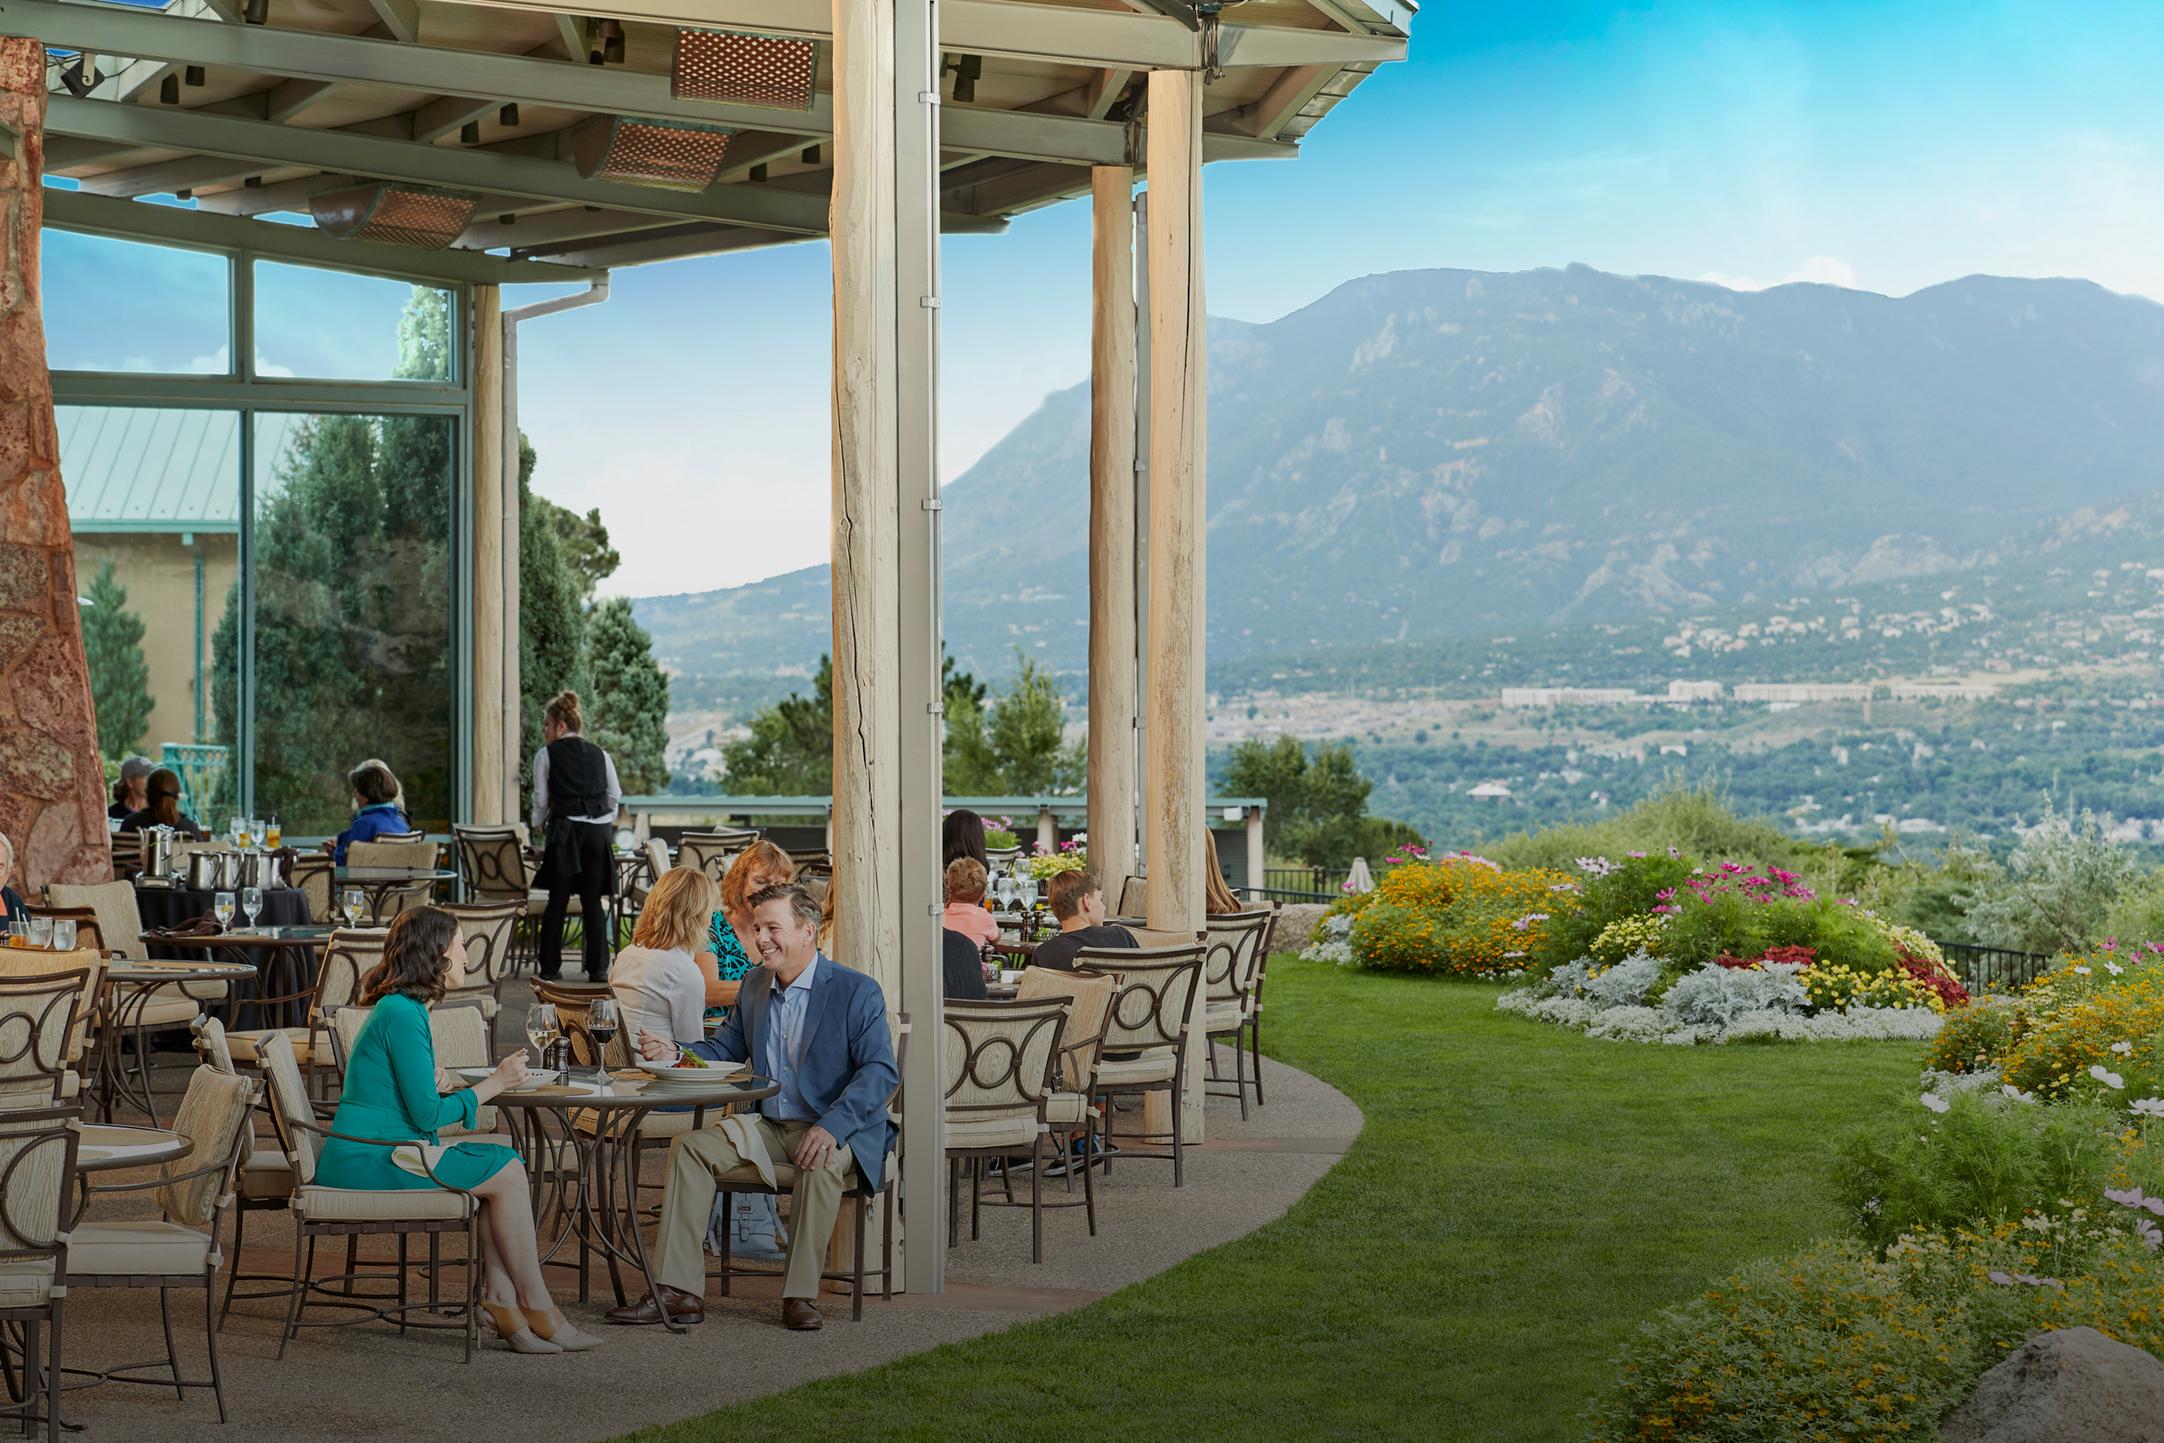 Colorado Springs Dining Garden Of The Gods Collection